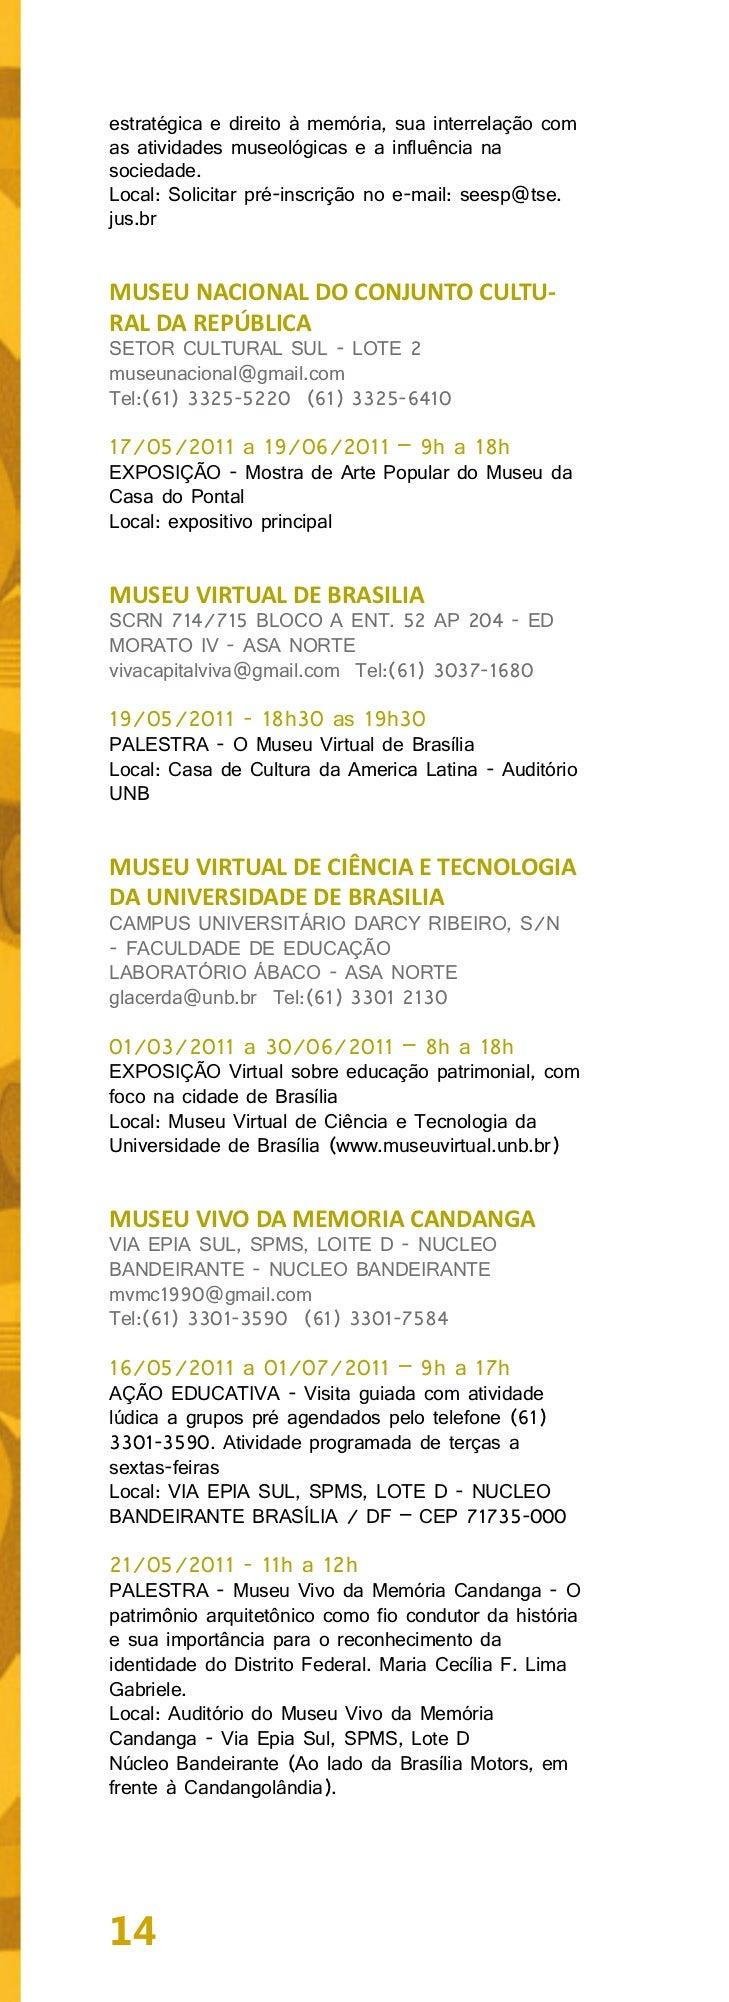 PONTO DE MEMÓRIA DA CIDADEESTRUTURALQUADRA 9 CONJUNTO E LOTE 21 - CIDADEESTRUTURALpontodememoriaestrutural@gmail.comTel:(6...